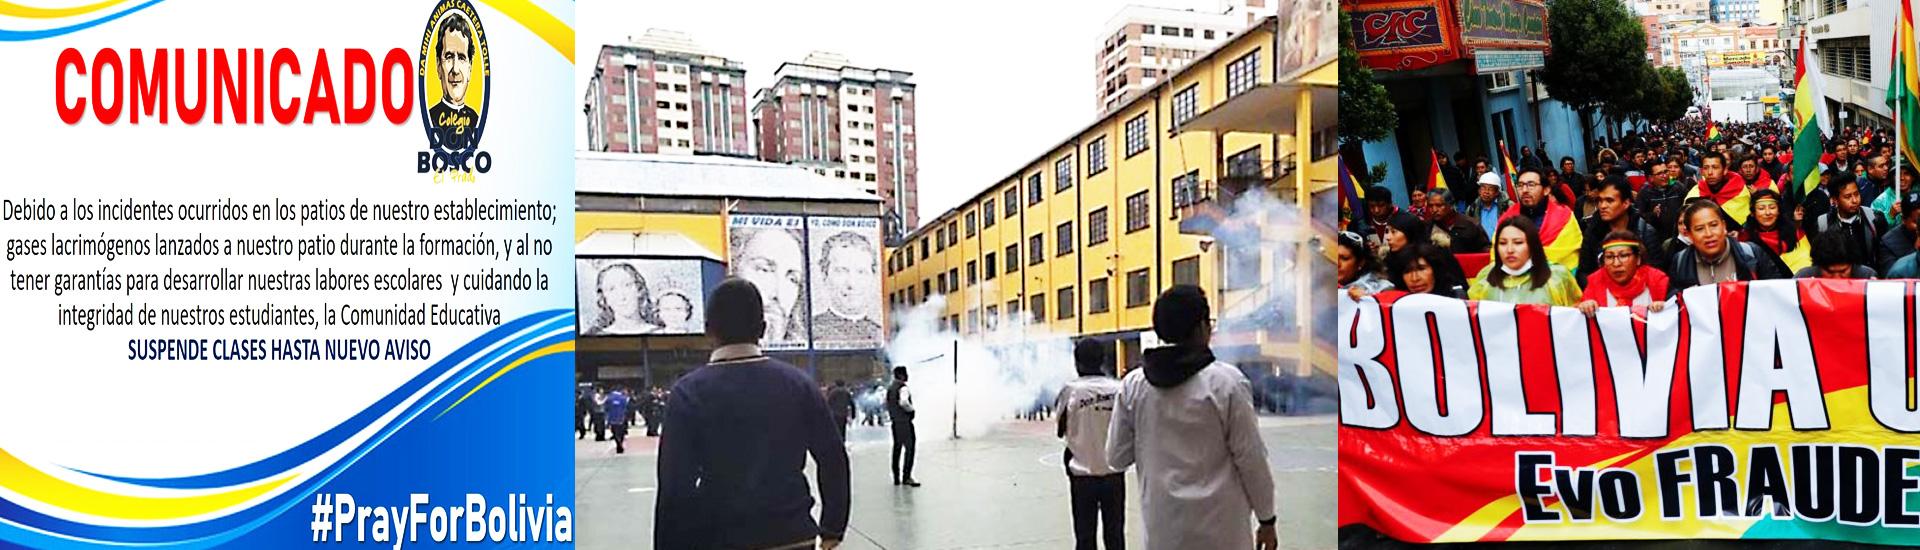 La violencia en Bolivia afecta a las obras salesianas